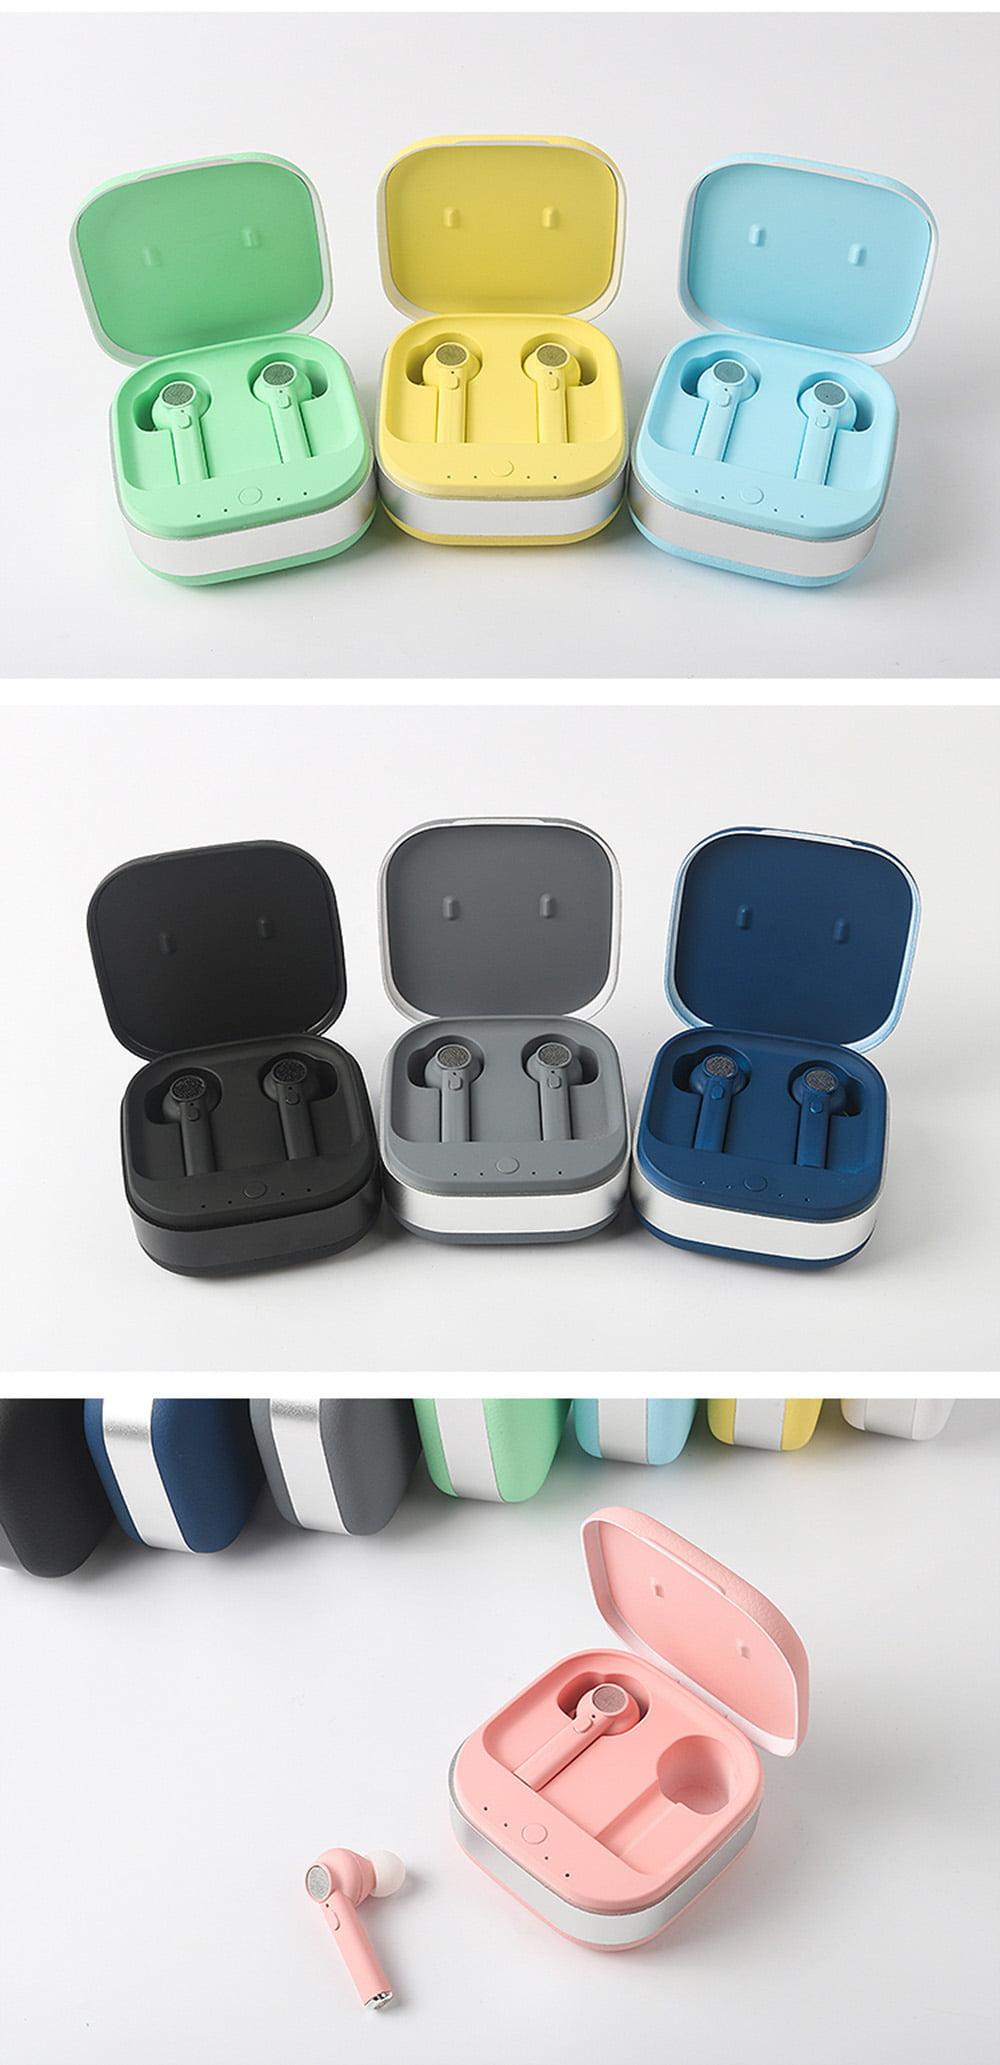 d021 tws earphone bluetooth 5.0 for iphone xiaomi huawei1 (8)